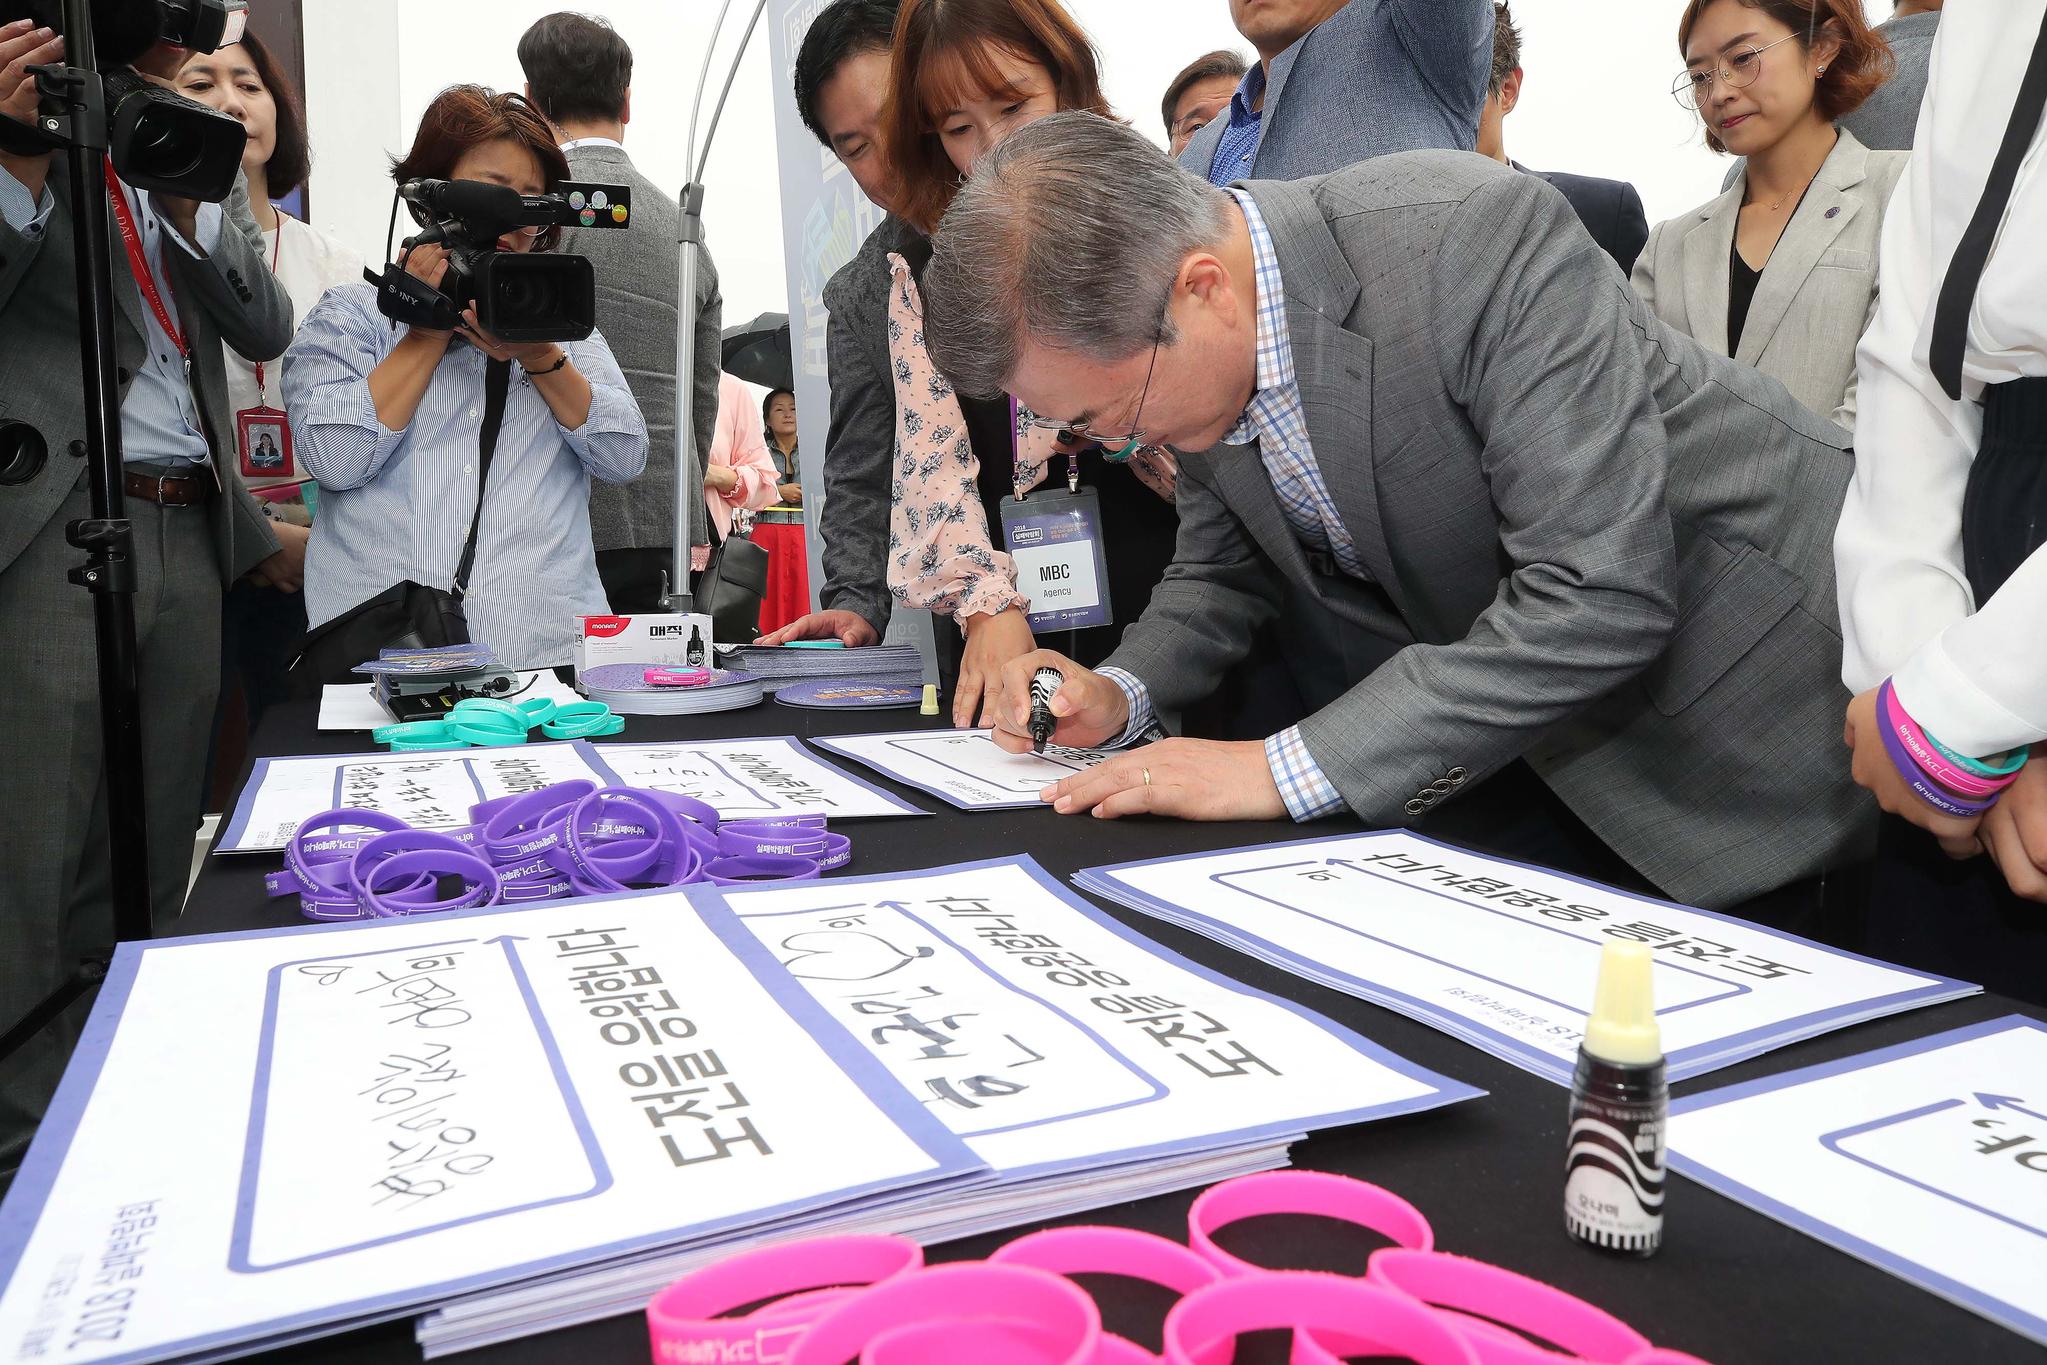 문재인 대통령이 16일 오후 서울 종로구 광화문 광장 일대에서 열린 2018 실패박람회를 방문해 희망 메시지를 작성하고 있다. [뉴시스]